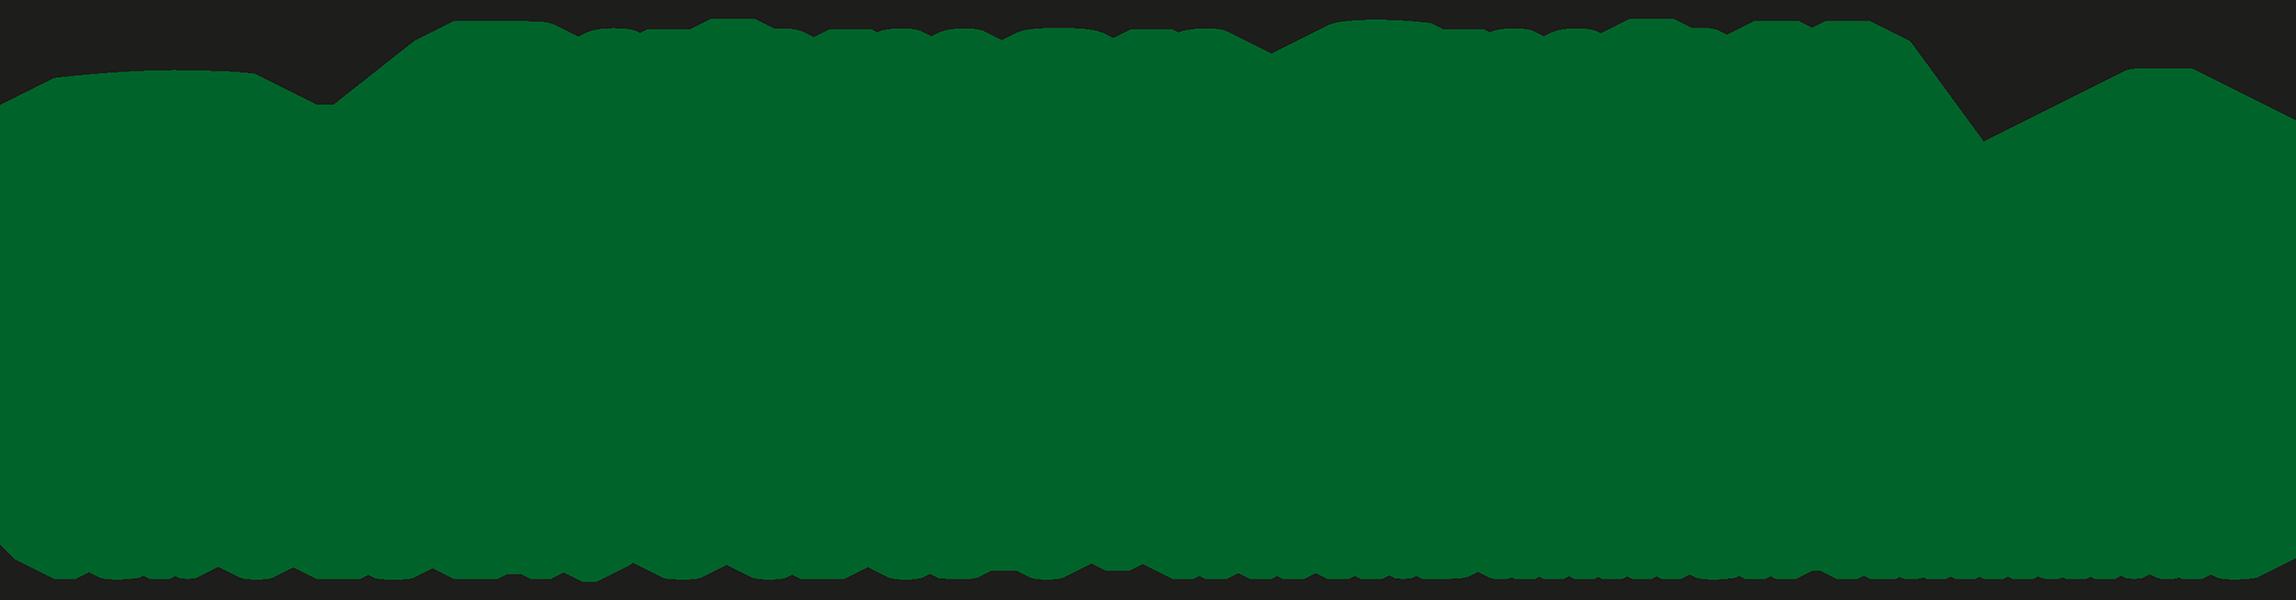 Dahmen GmbH